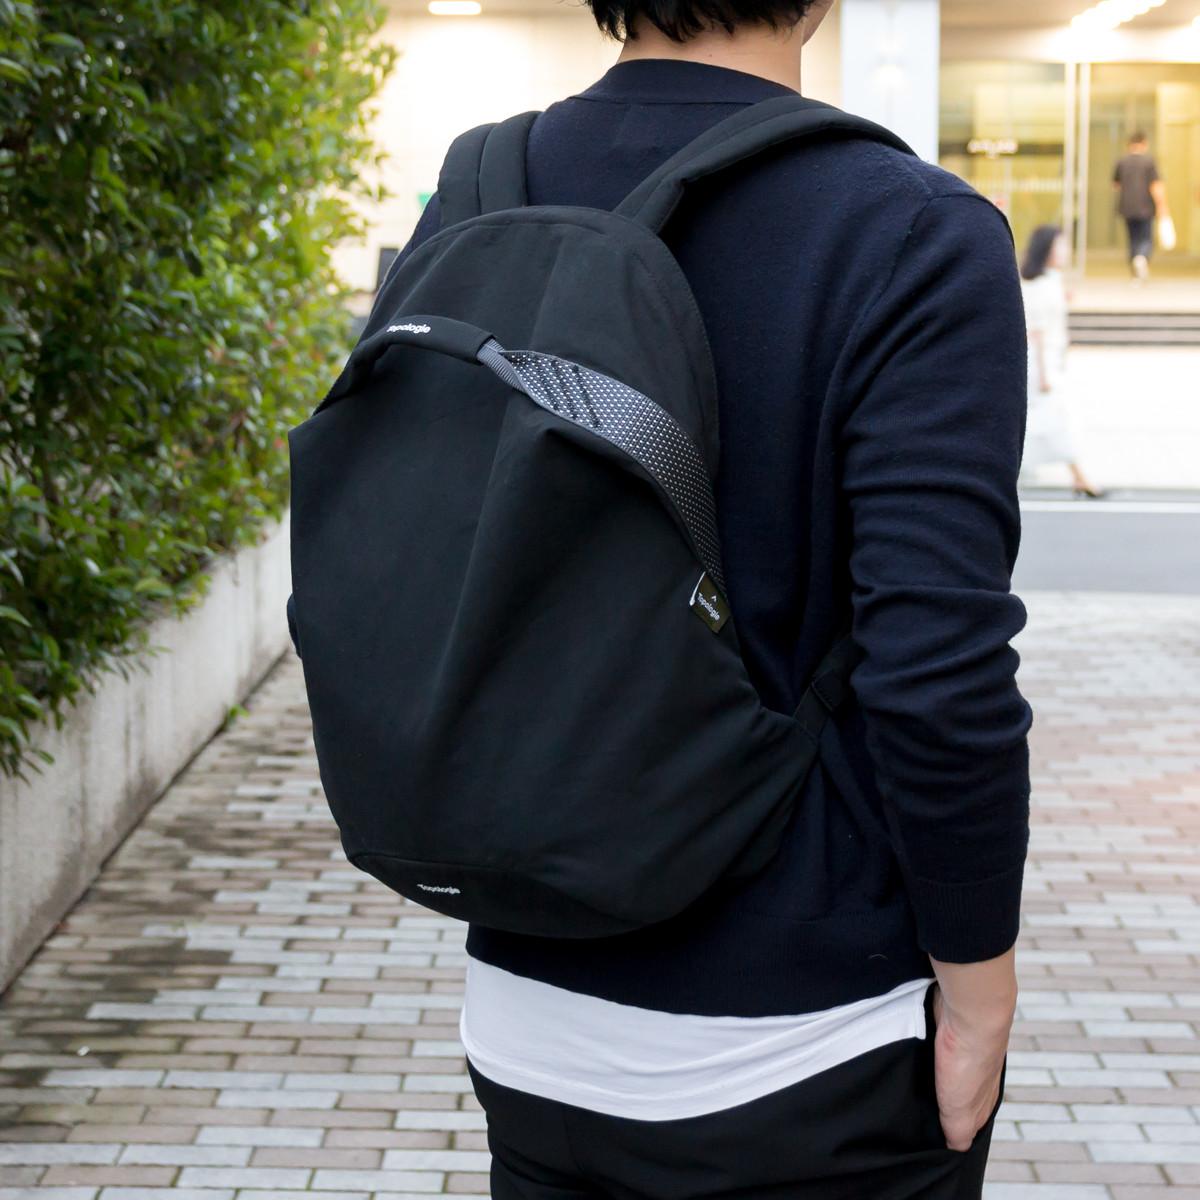 岩への挑戦から生まれた『街バッグ』 | 超軽量、動きやすい、荷重を分散、ミニマムデザイン